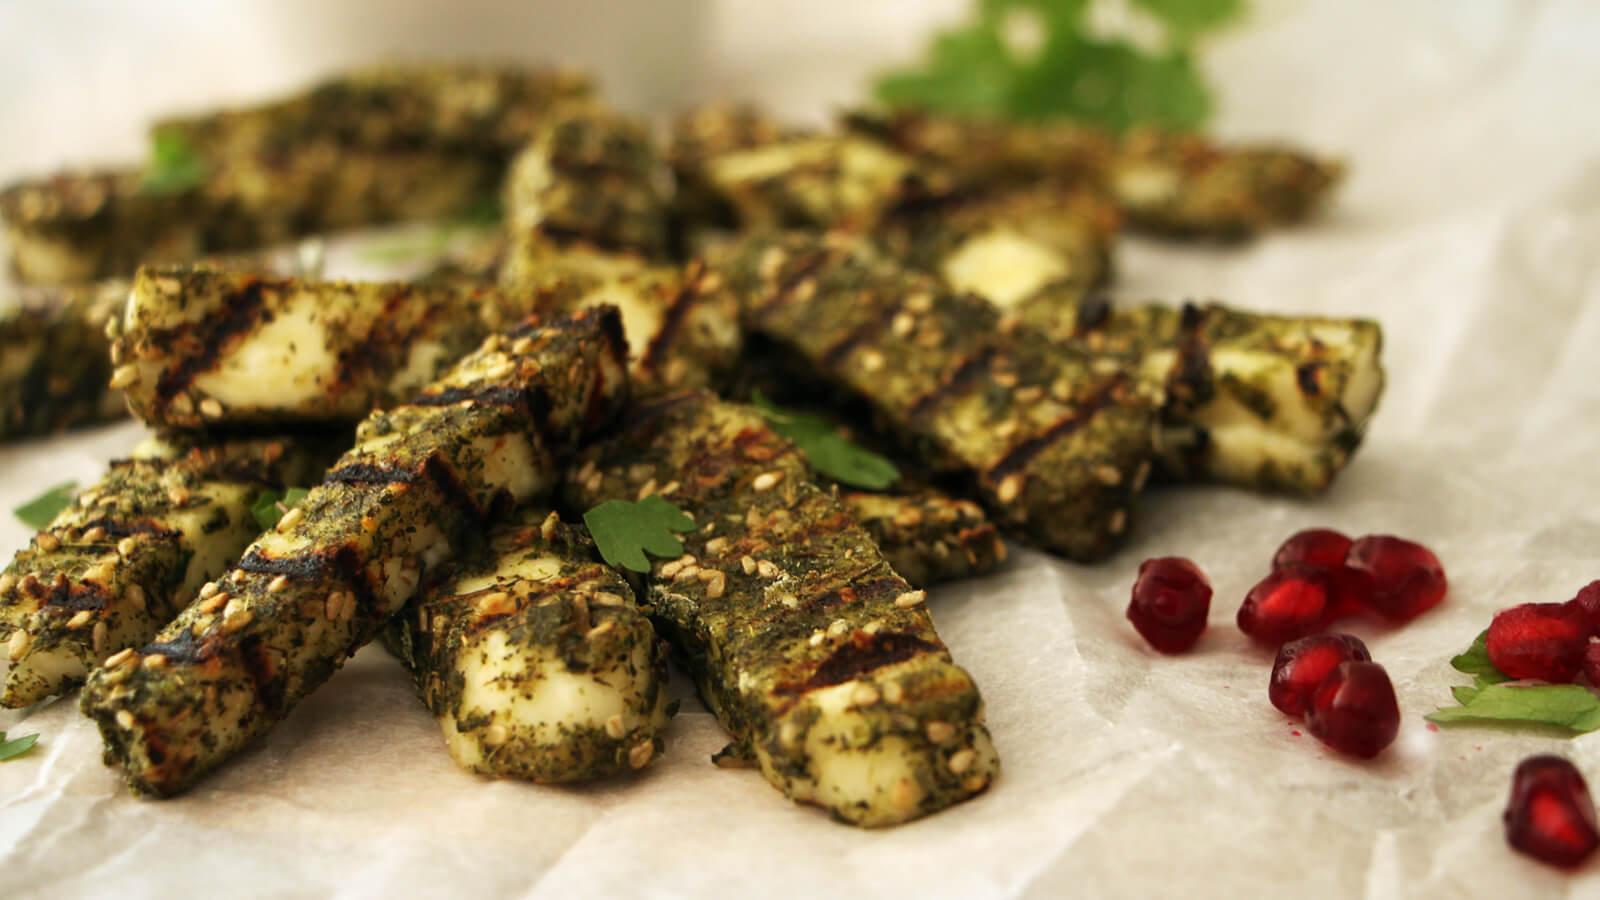 Op zoek naar een verrassend gerechtje van de BBQ? Ga voor deze gegrilde halloumi frietjes!